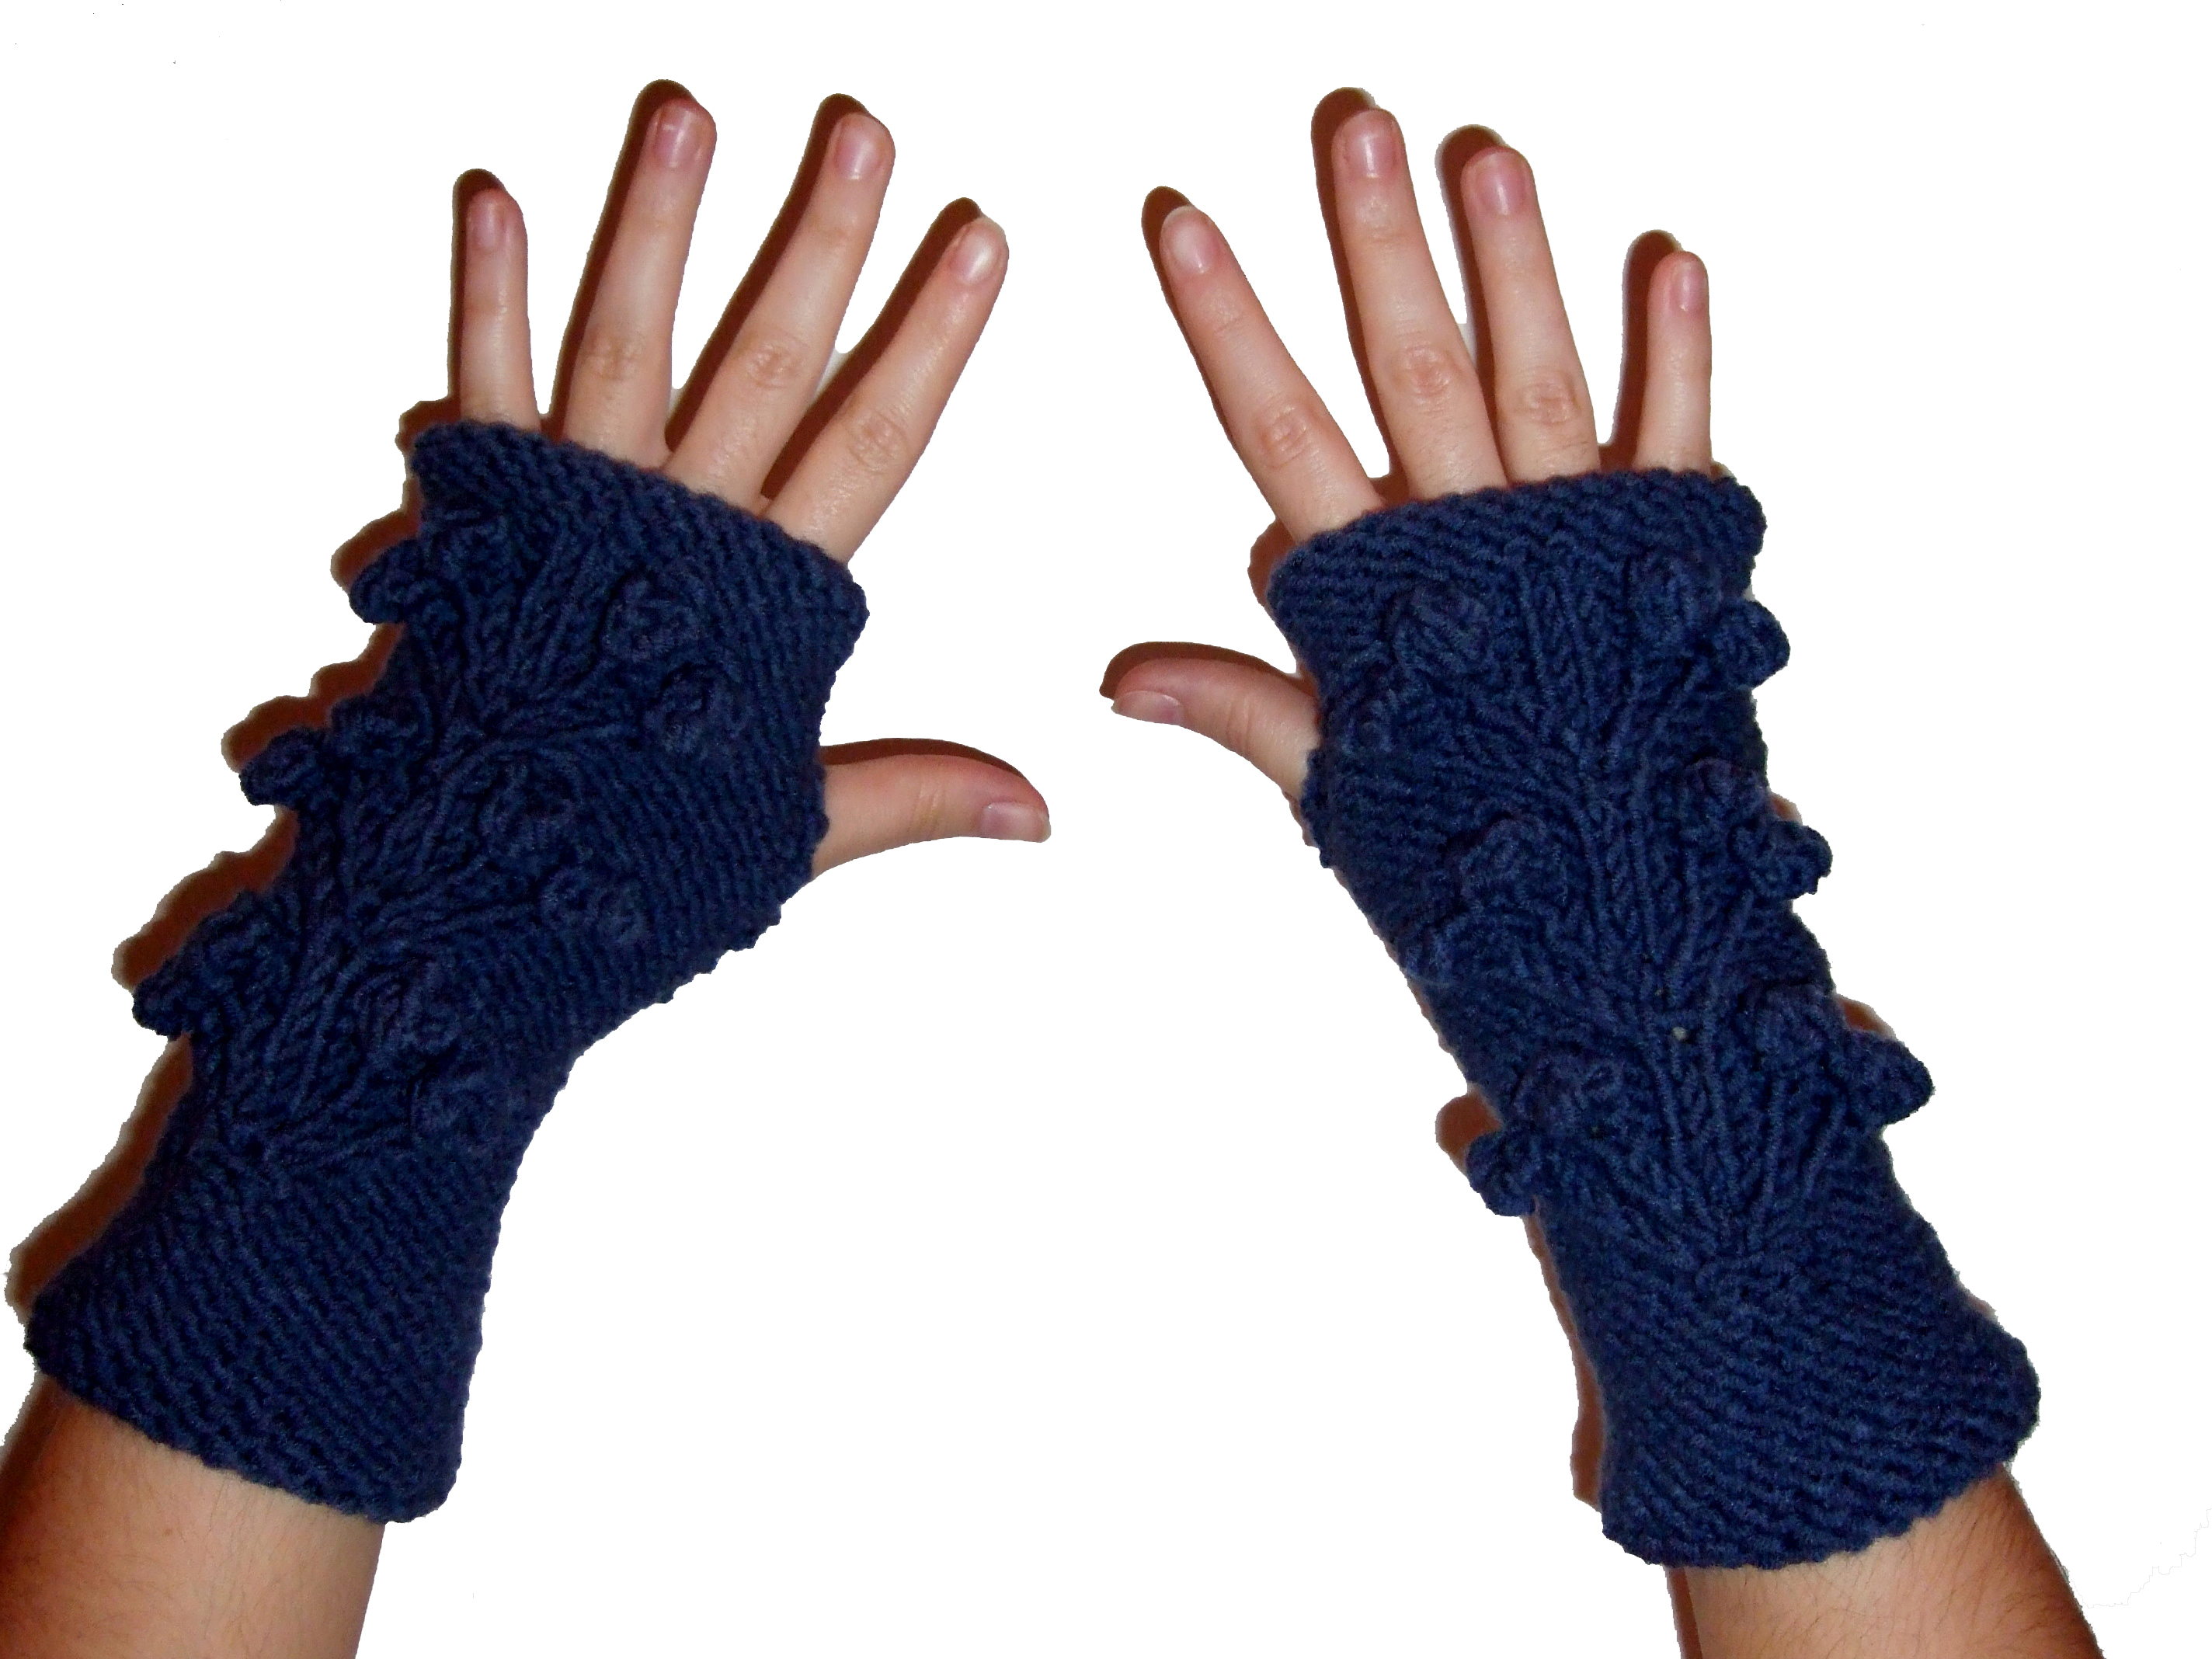 Tricoter les doigts des gants